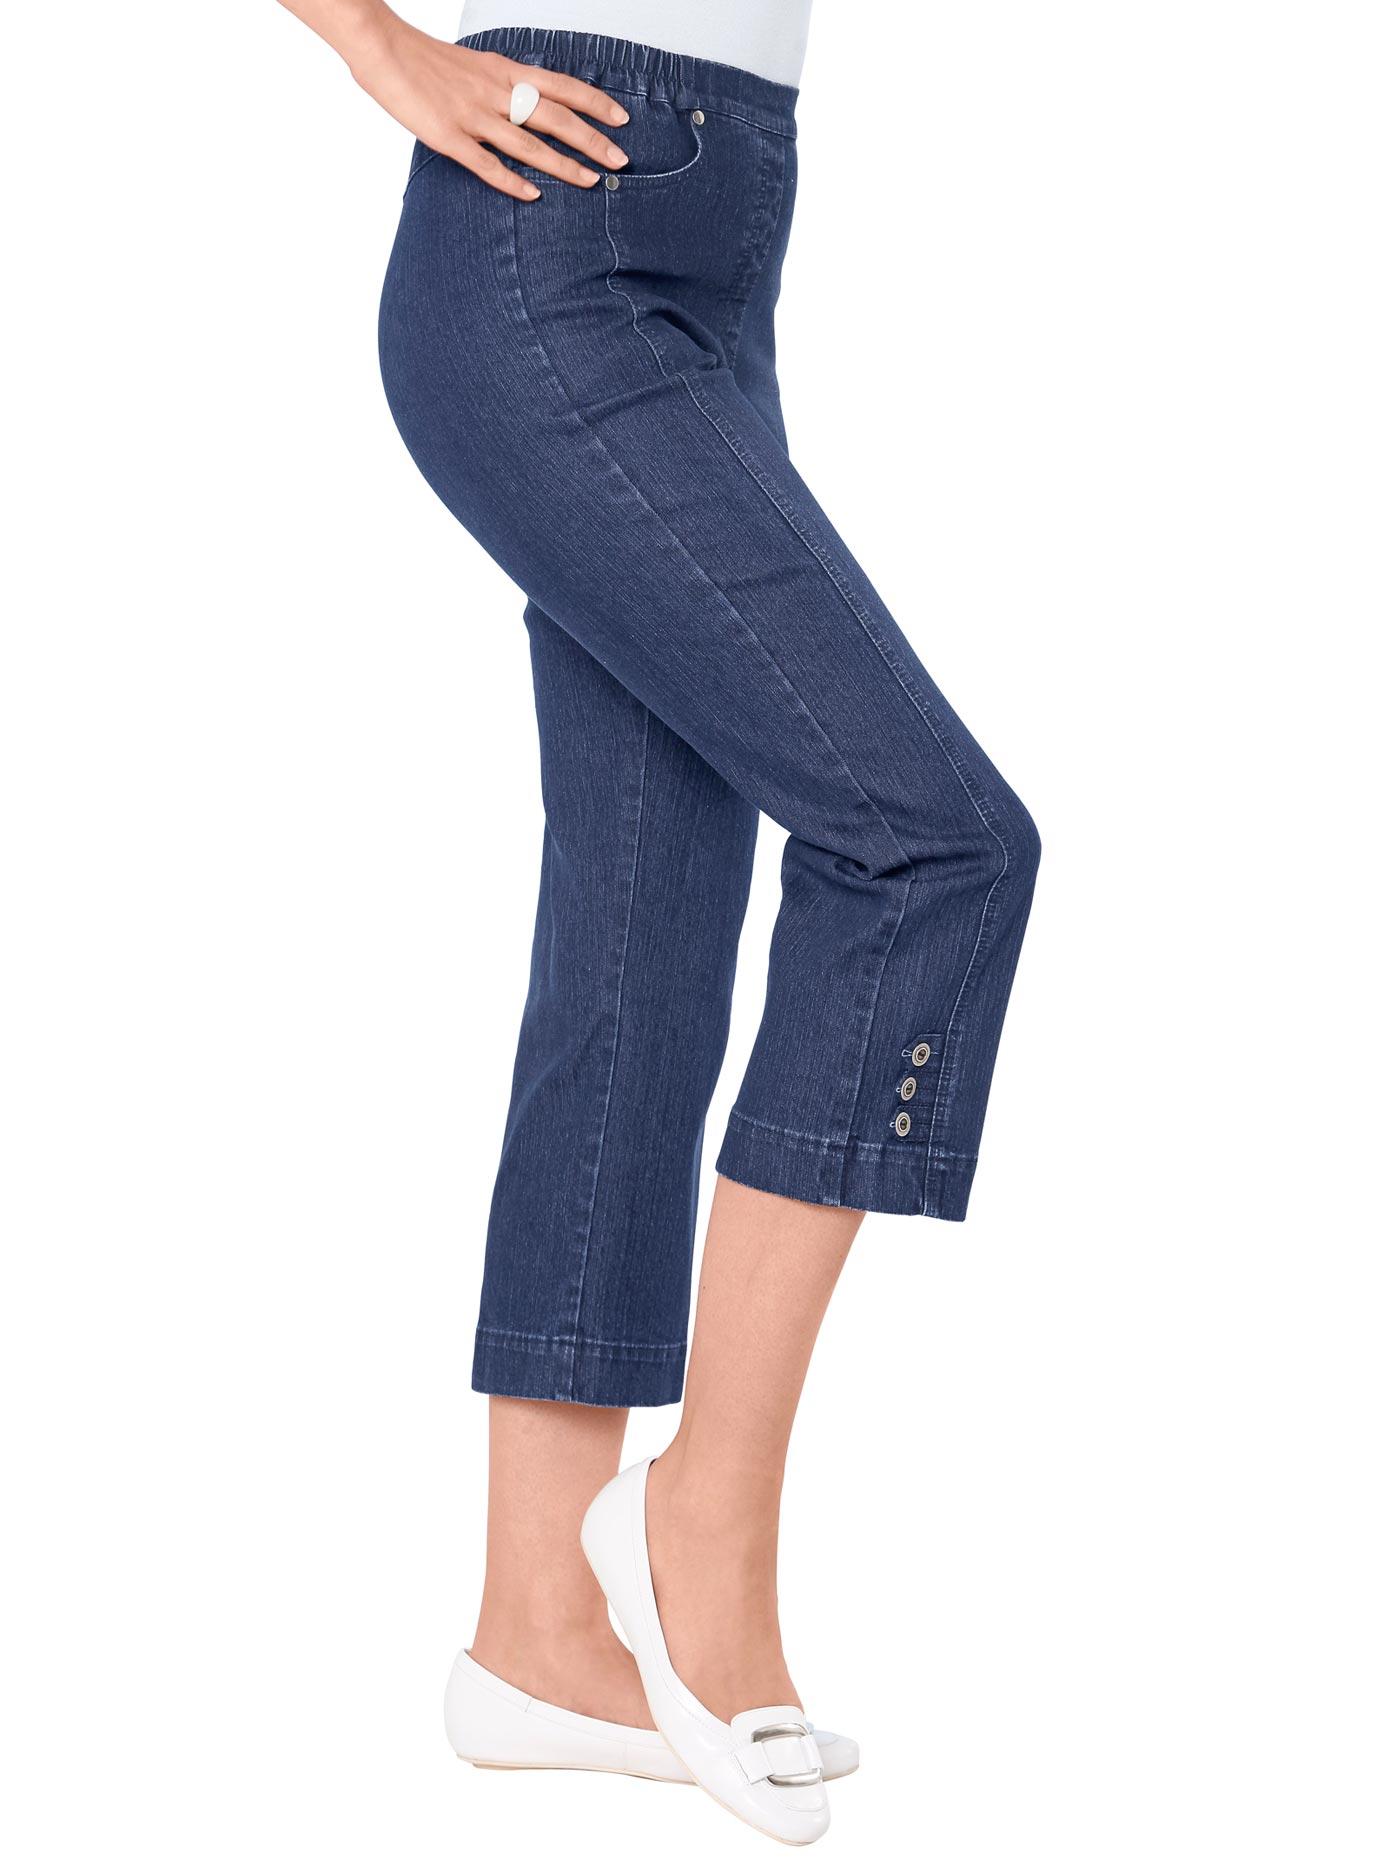 Classic Basics 7/8-Jeans mit Dekoschlaufen und Zierknöpfe am Beinabschluss | Bekleidung > Jeans > 7/8-Jeans | Classic Basics